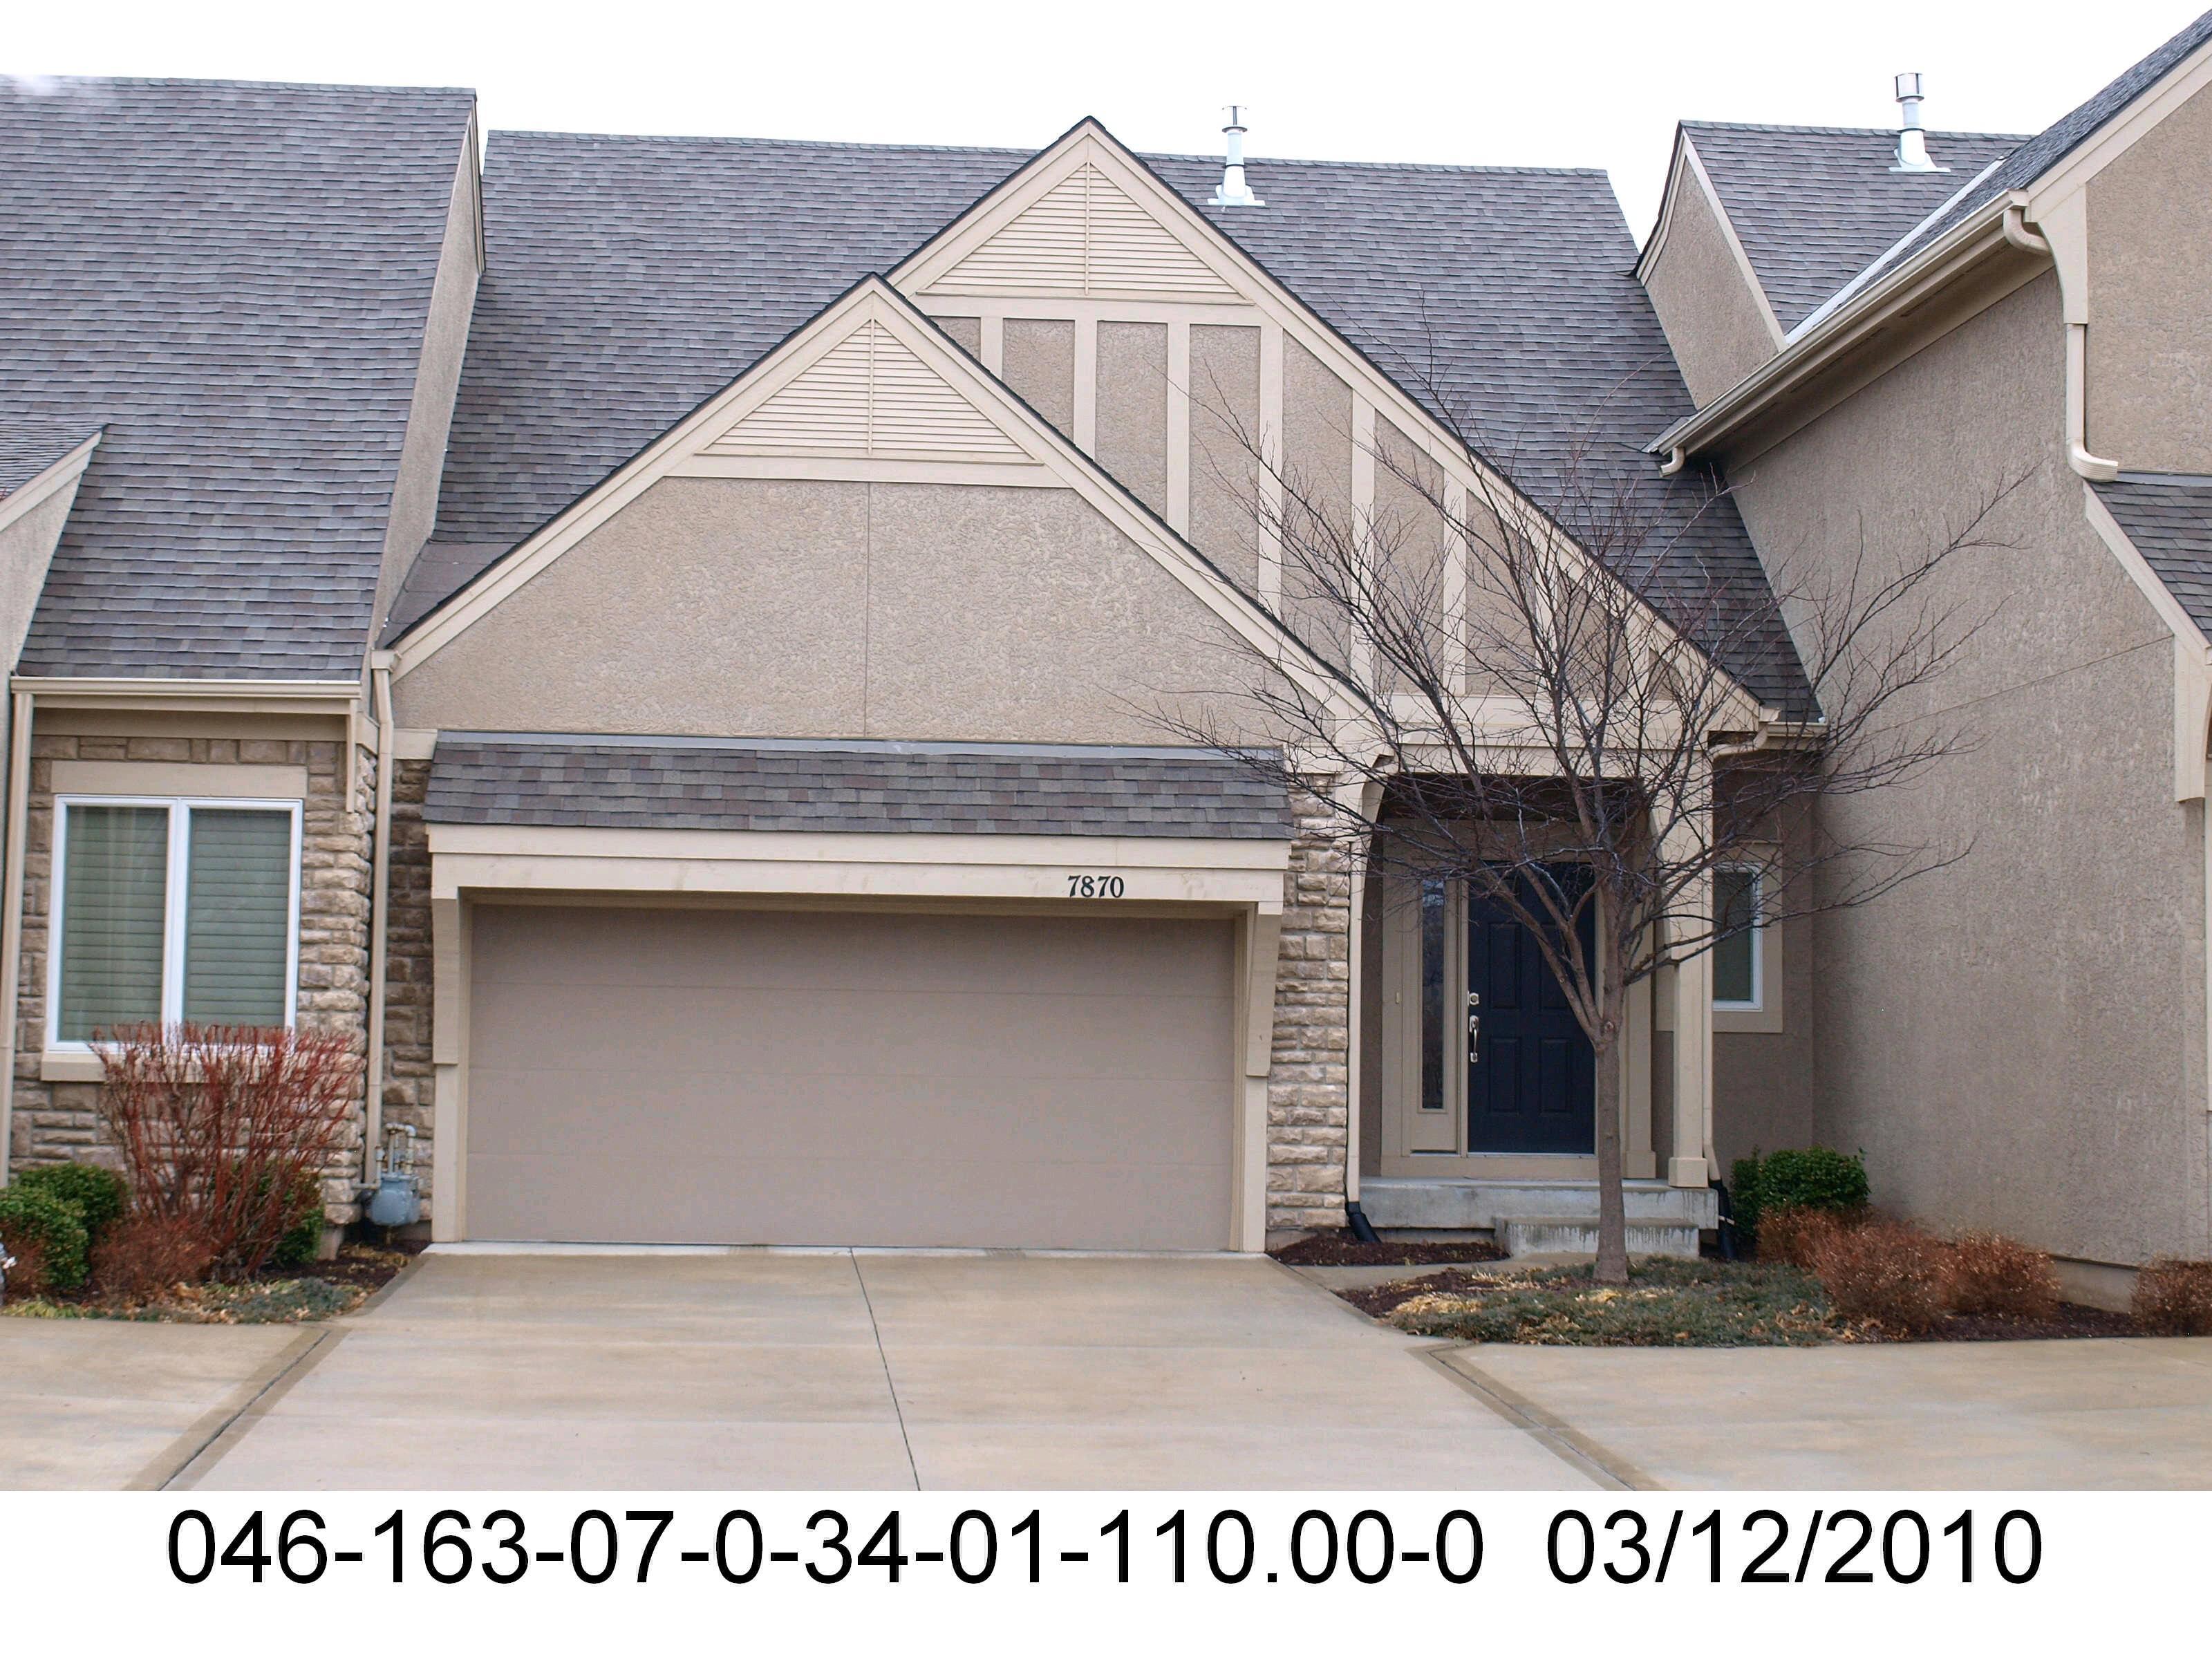 Overland Park Kansas KS For Sale By Owner Kansas FSBO